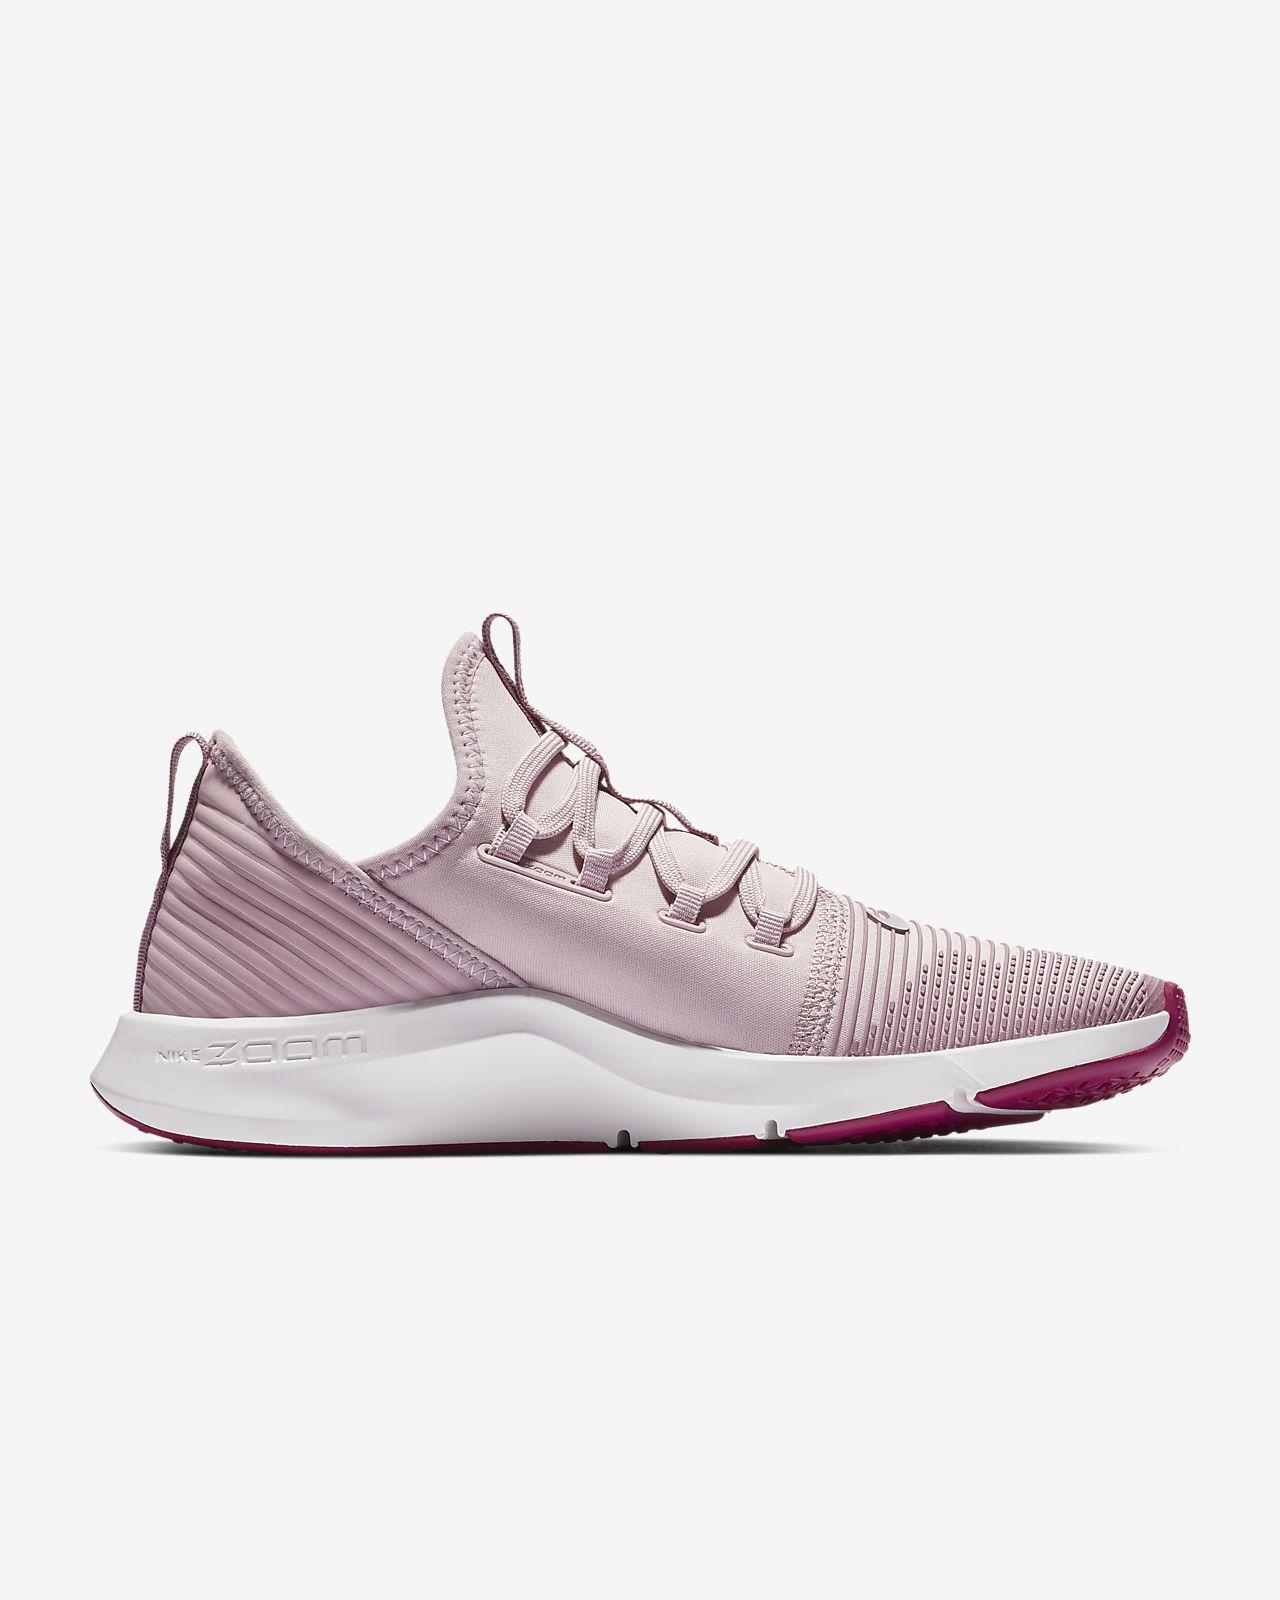 quality design ac870 1ef0d Sko för gym träning boxning för kvinnor. Nike Air Zoom Elevate